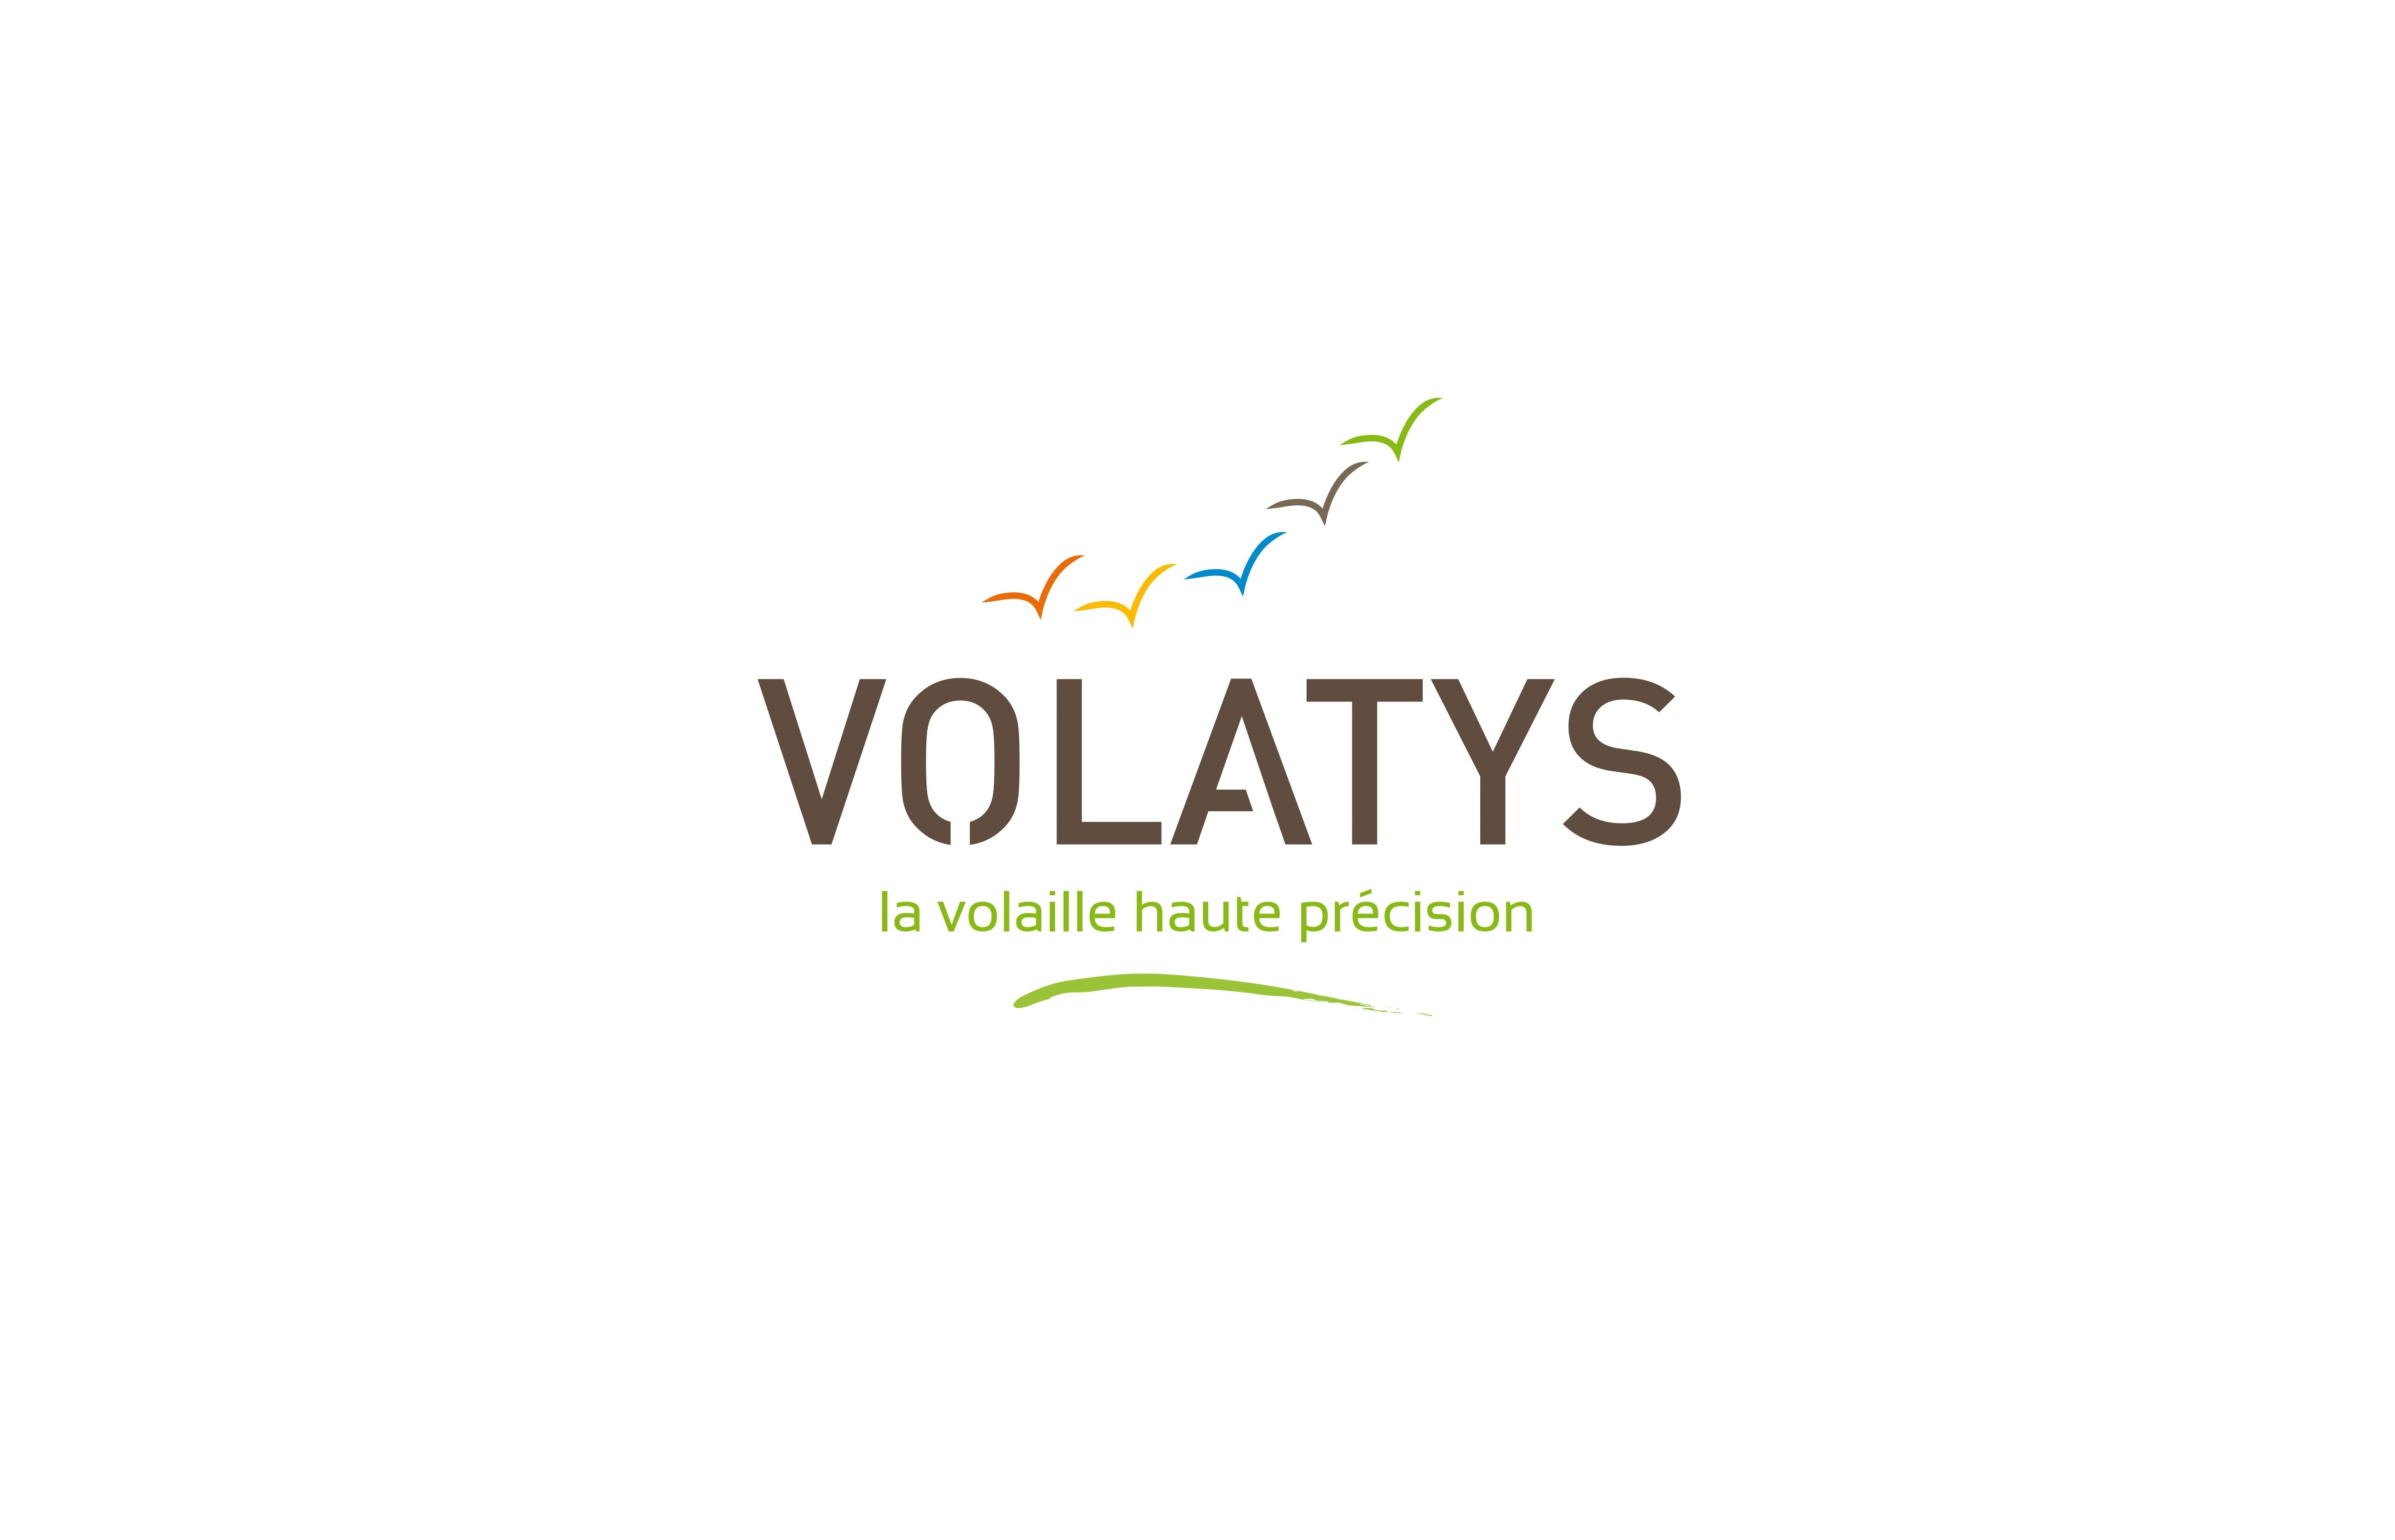 Volatys partenaire de l'ESUP - École Supérieure de Commerce, Management et Marketing - ESUP Paris école de commerce en alternance